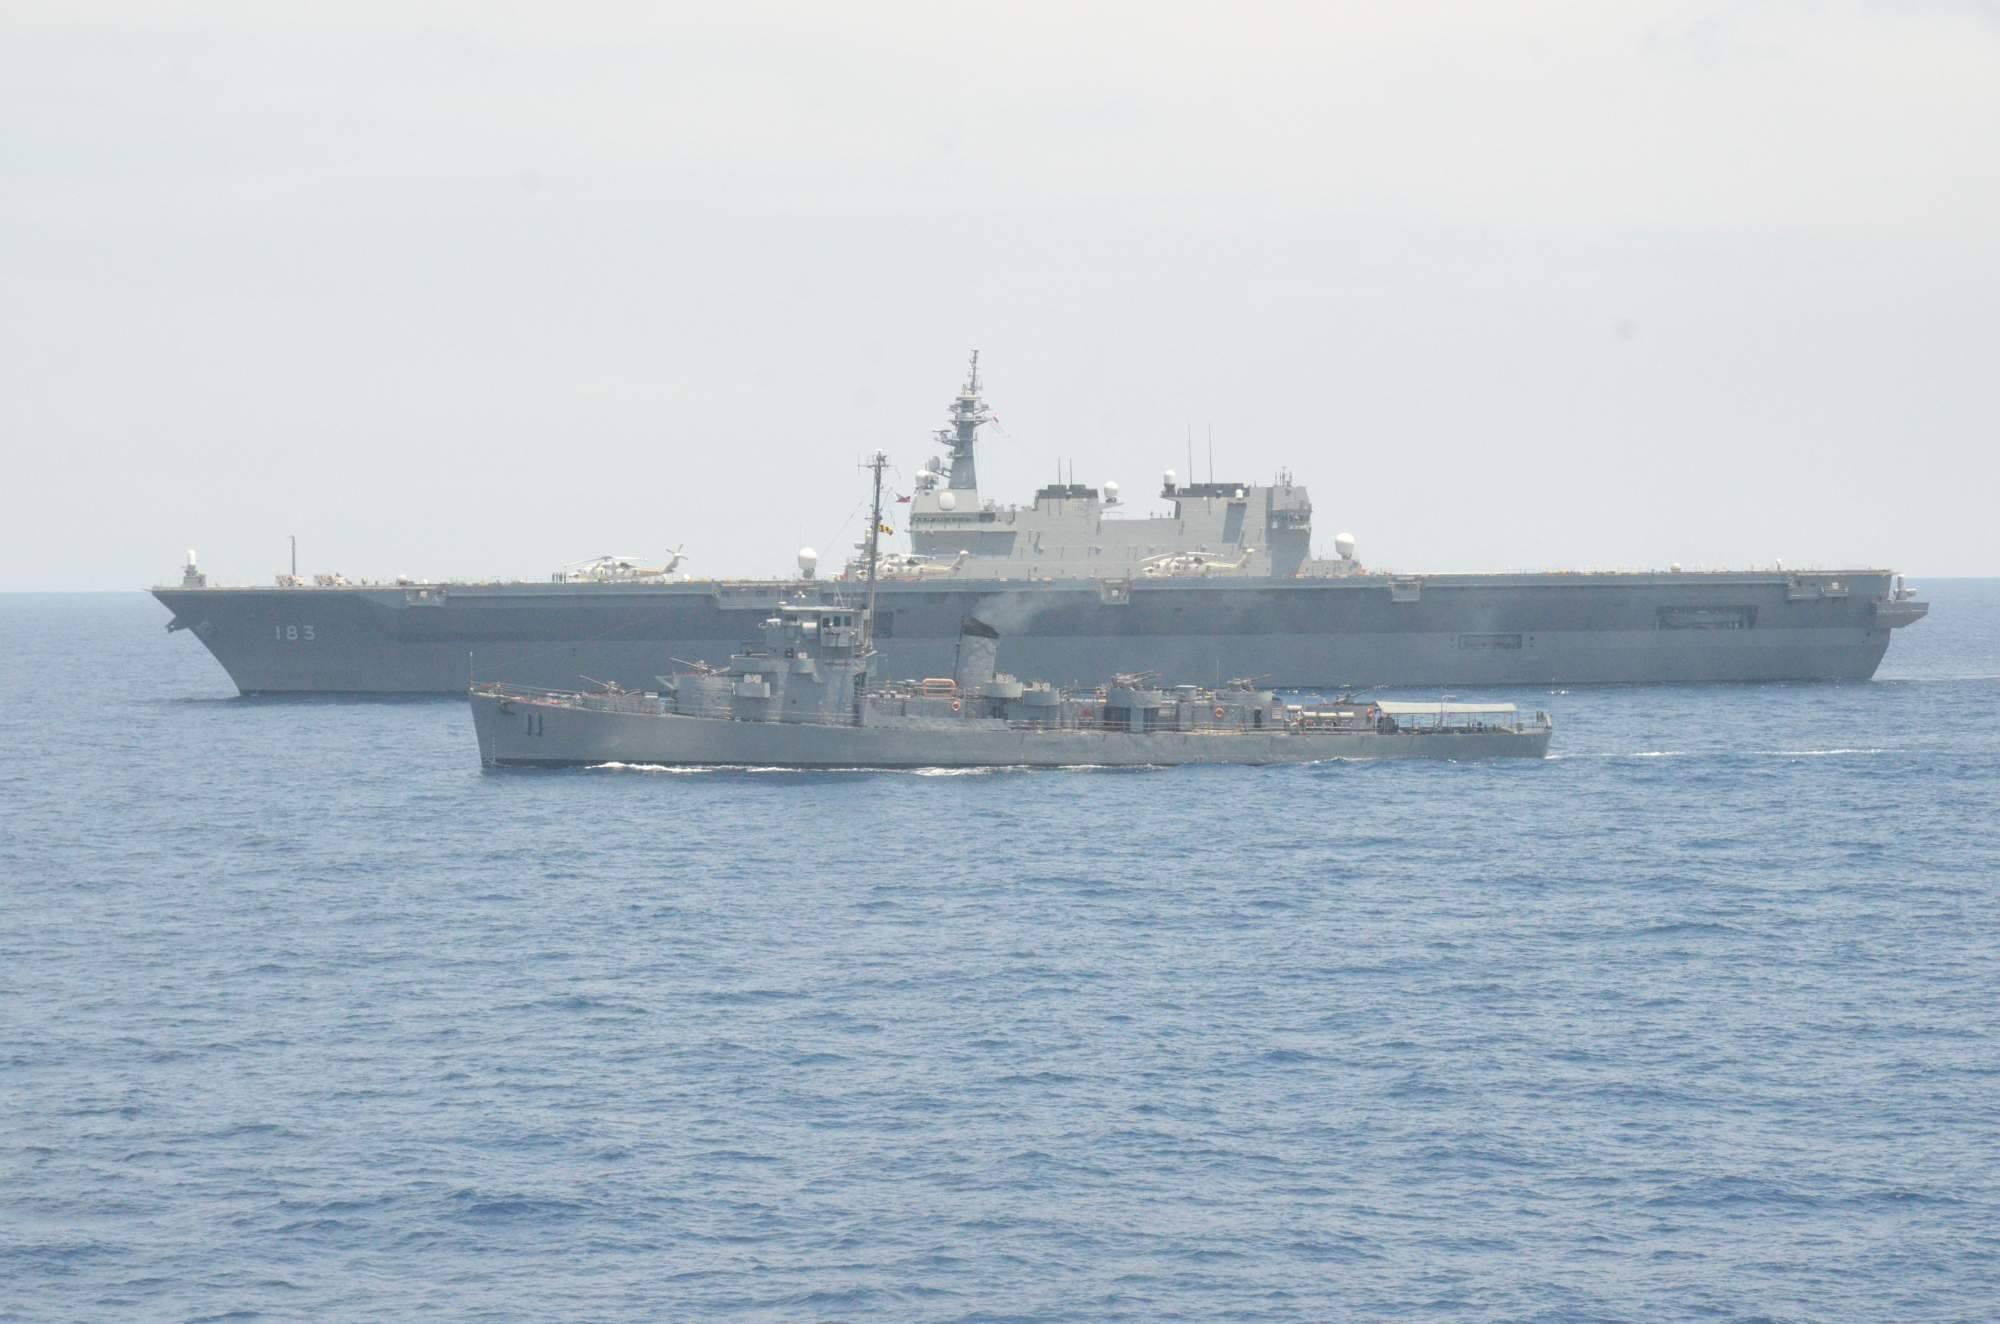 Фрегат ВМС Филиппин PS 11 Rajah Humabon (бывший американский эскортный миноносец DE 169 Atherton постройки 1943 года) сопровождает посетивший Манилу японский эскадренный миноносец-вертолетоносец DDH 183 Izumo, июнь 2017 года.